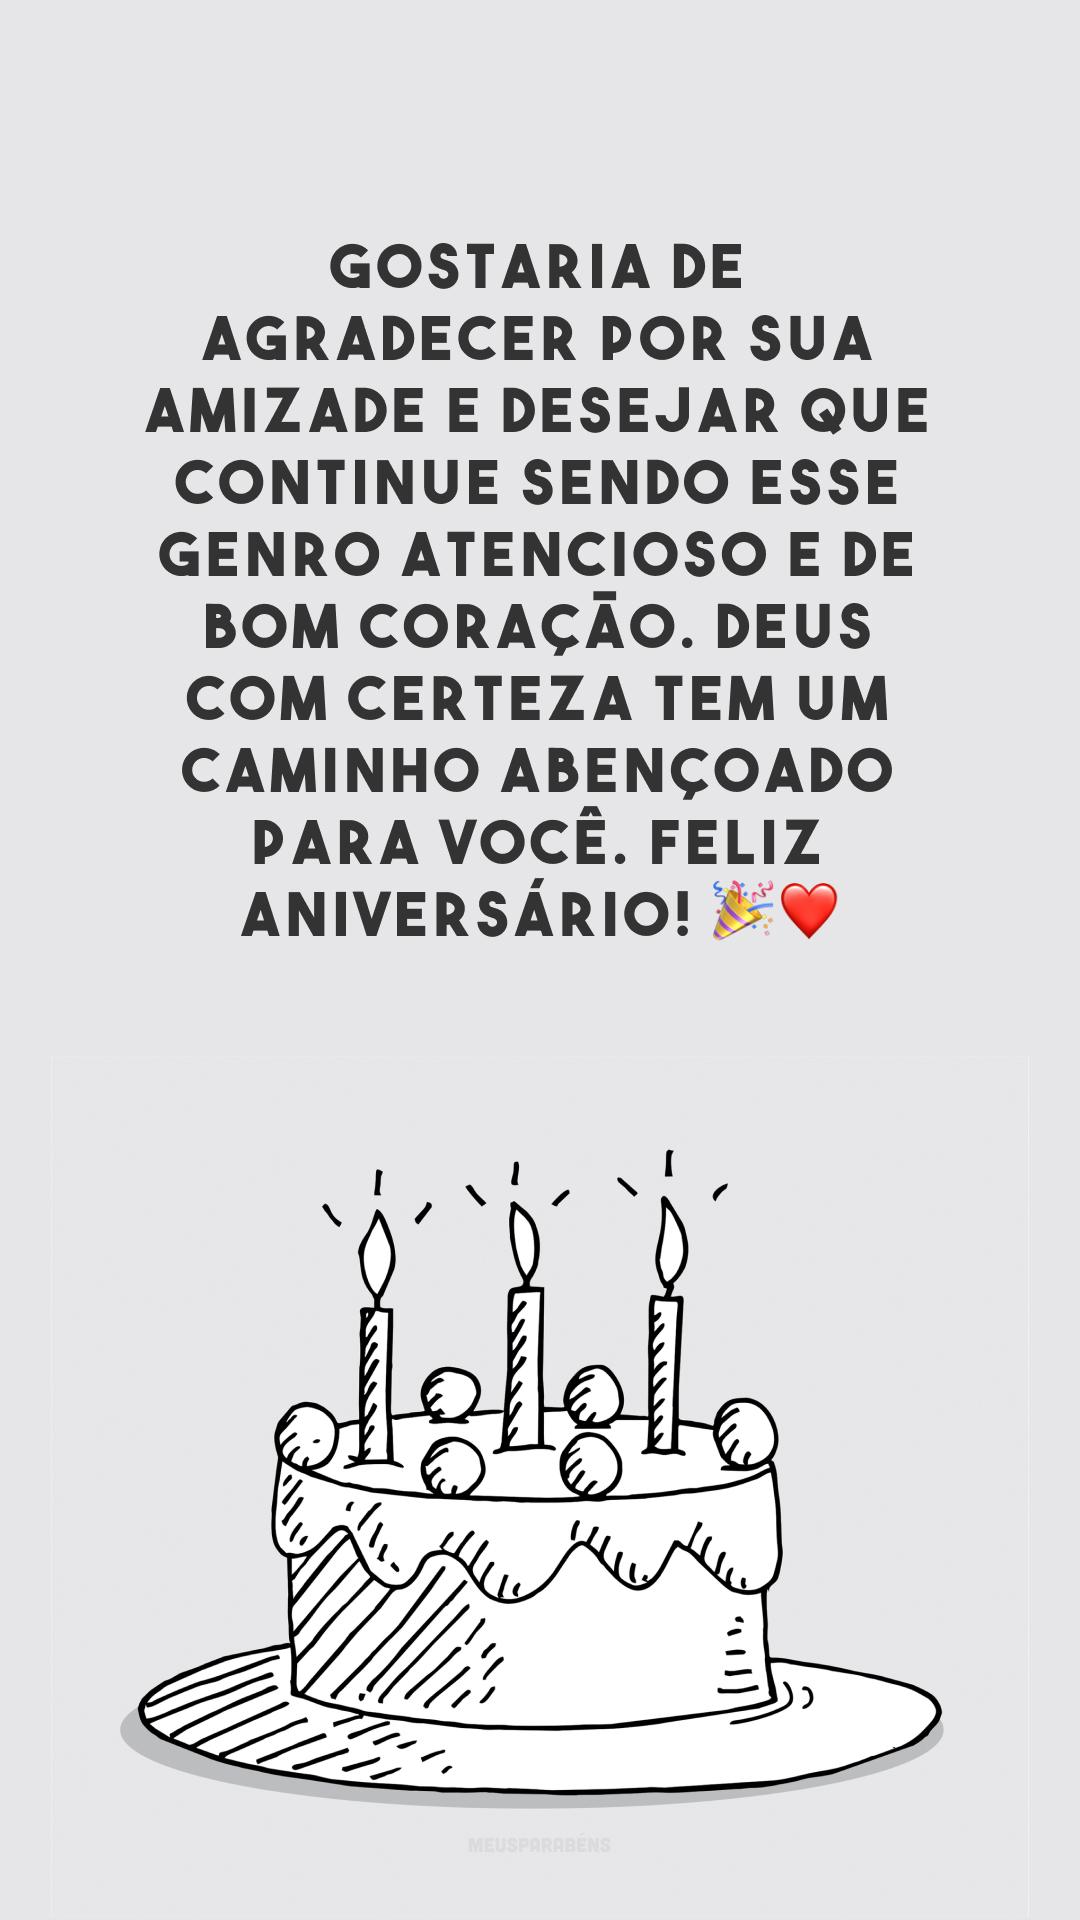 Gostaria de agradecer por sua amizade e desejar que continue sendo esse genro atencioso e de bom coração. Deus com certeza tem um caminho abençoado para você. Feliz aniversário! 🎉❤